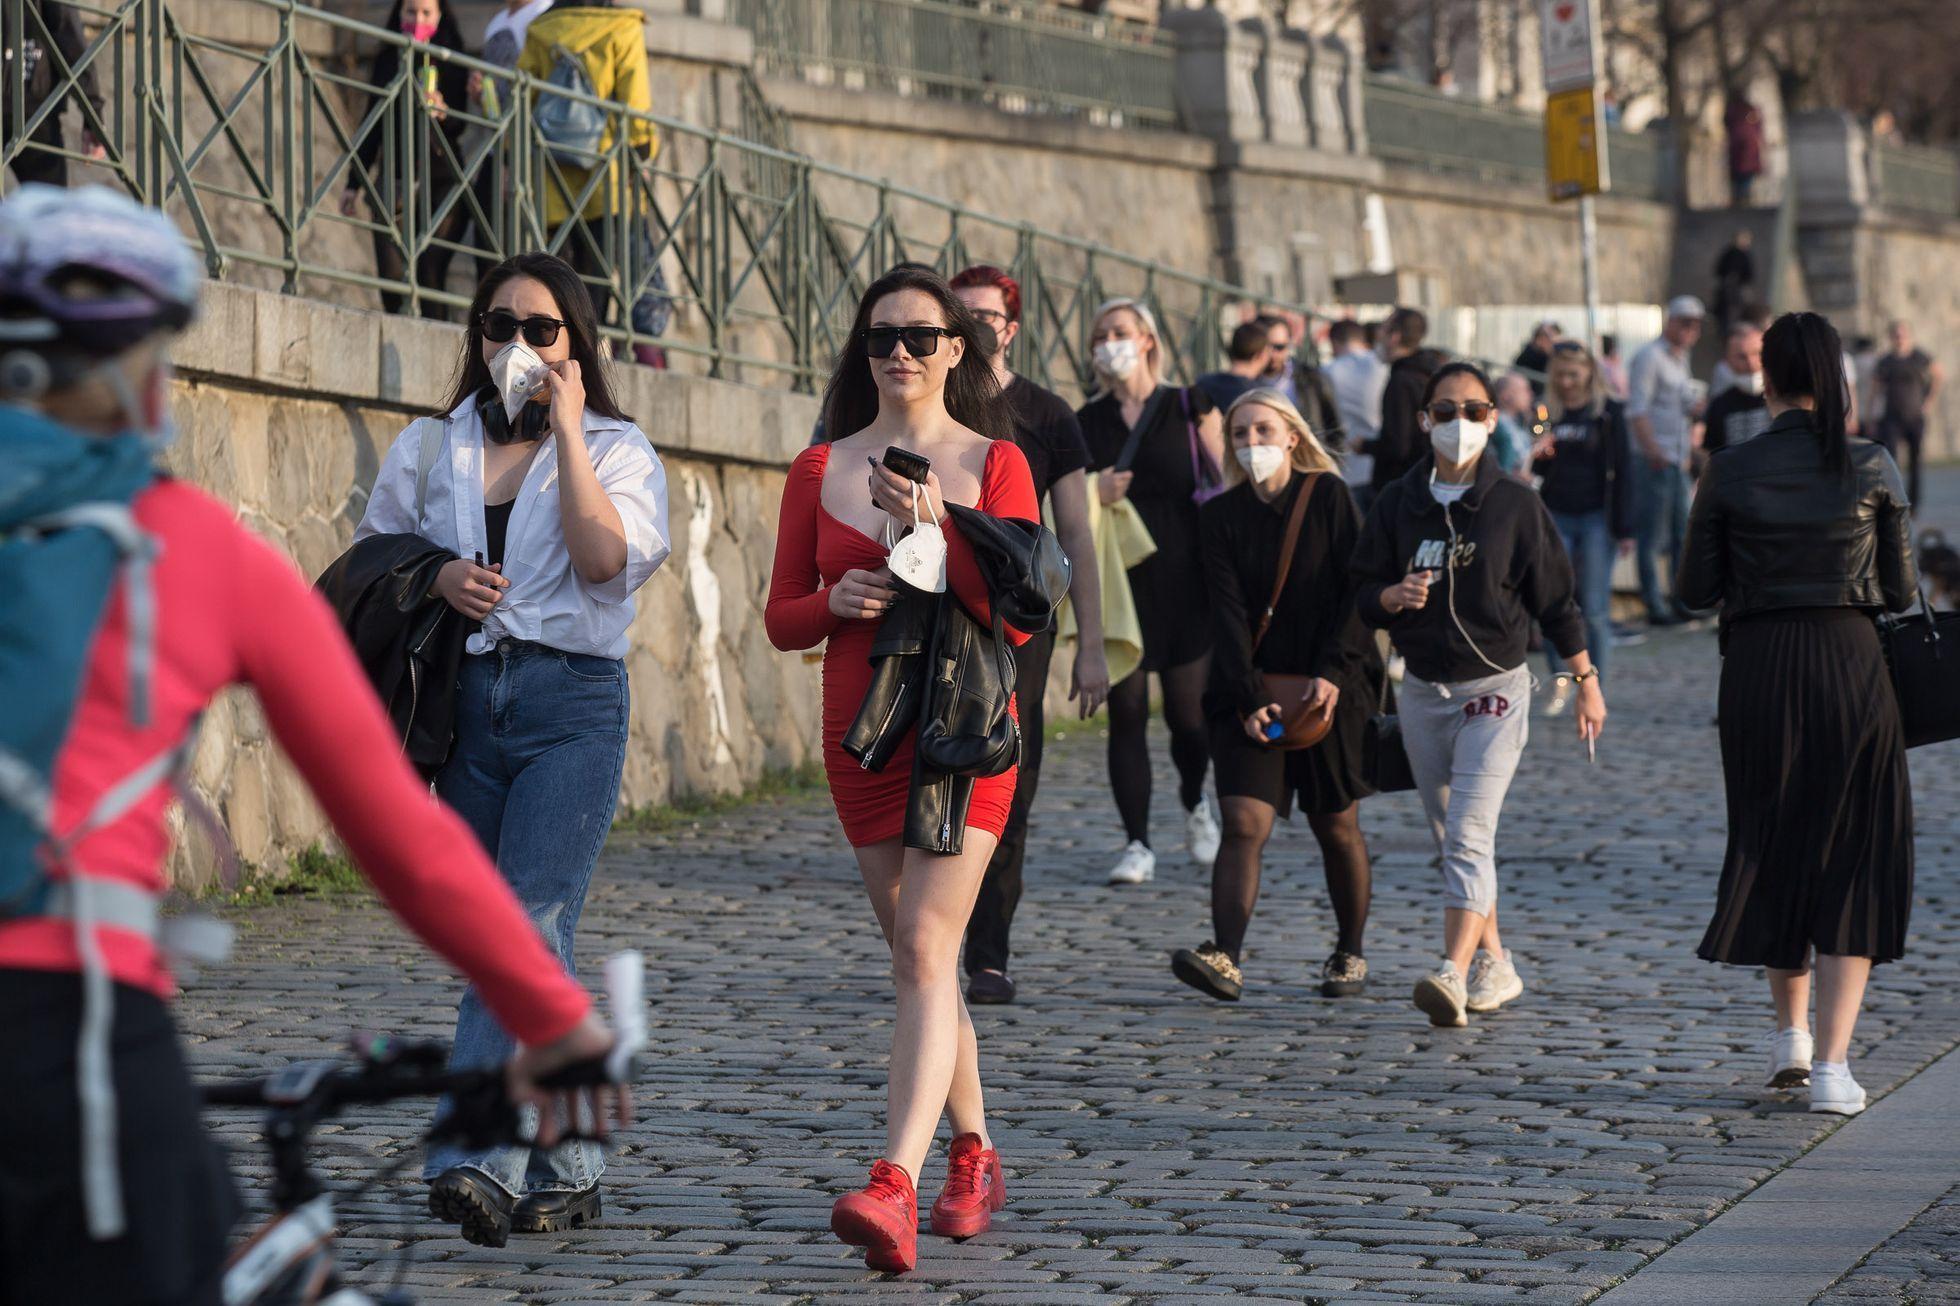 V Praze počty nakažených znovu stoupají. Dodržujte opatření, apelují hygienici